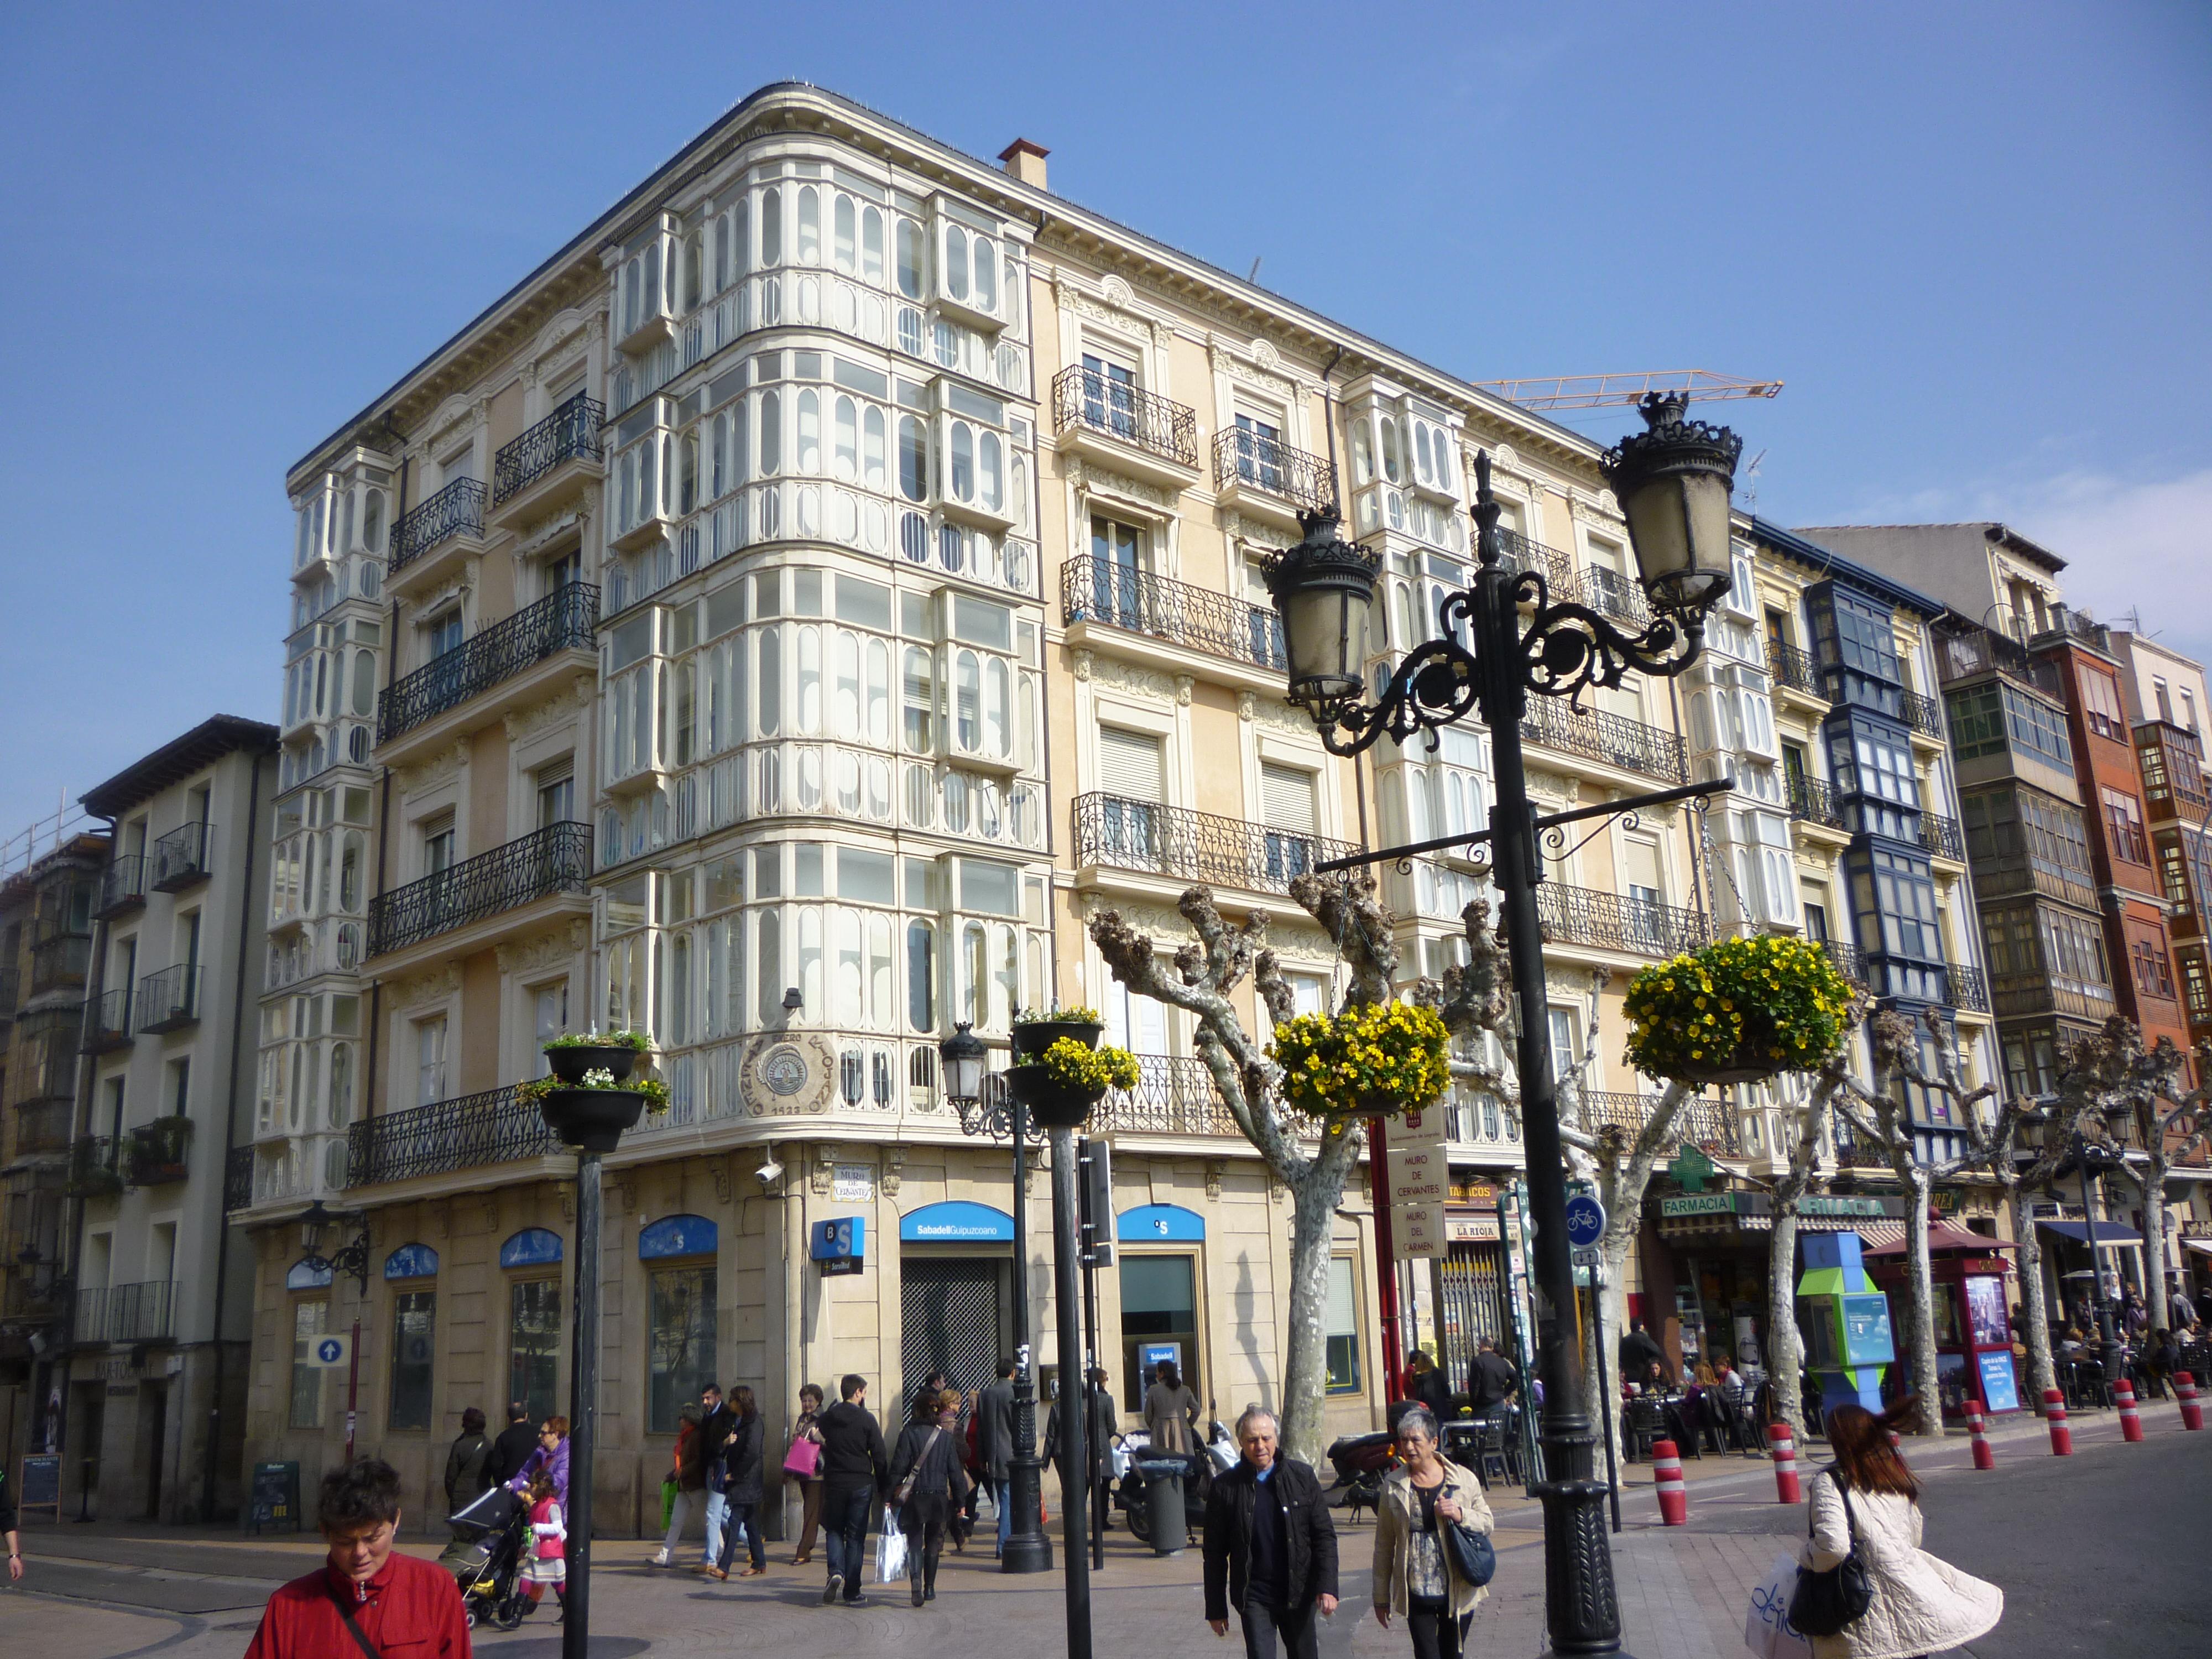 Logroño, Sábado 3 de marzo de 2012, fachada del Ateneo riojano